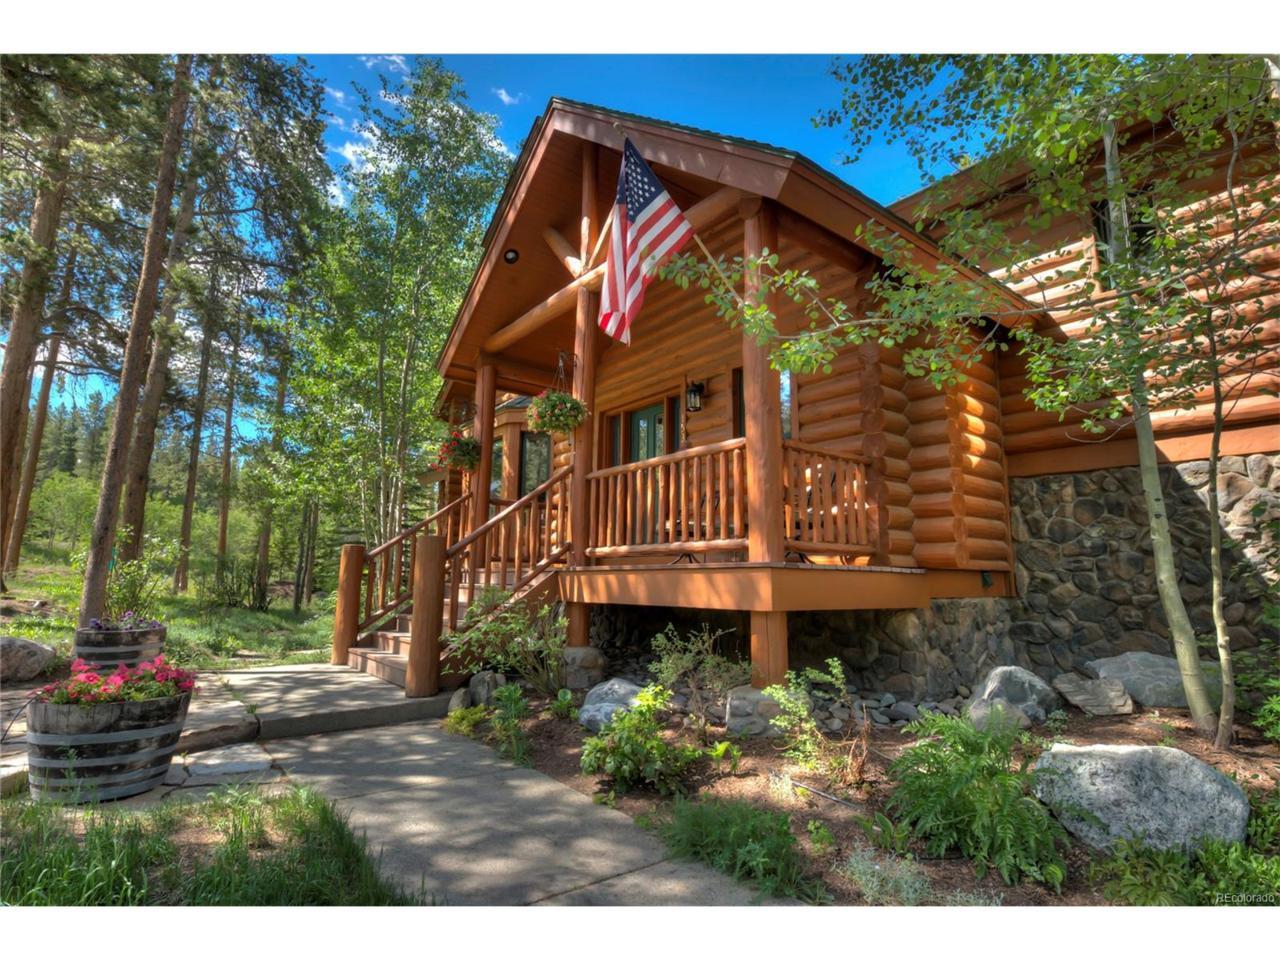 153 Dyer Trail, Breckenridge, CO 80424 (MLS #8206166) :: 8z Real Estate